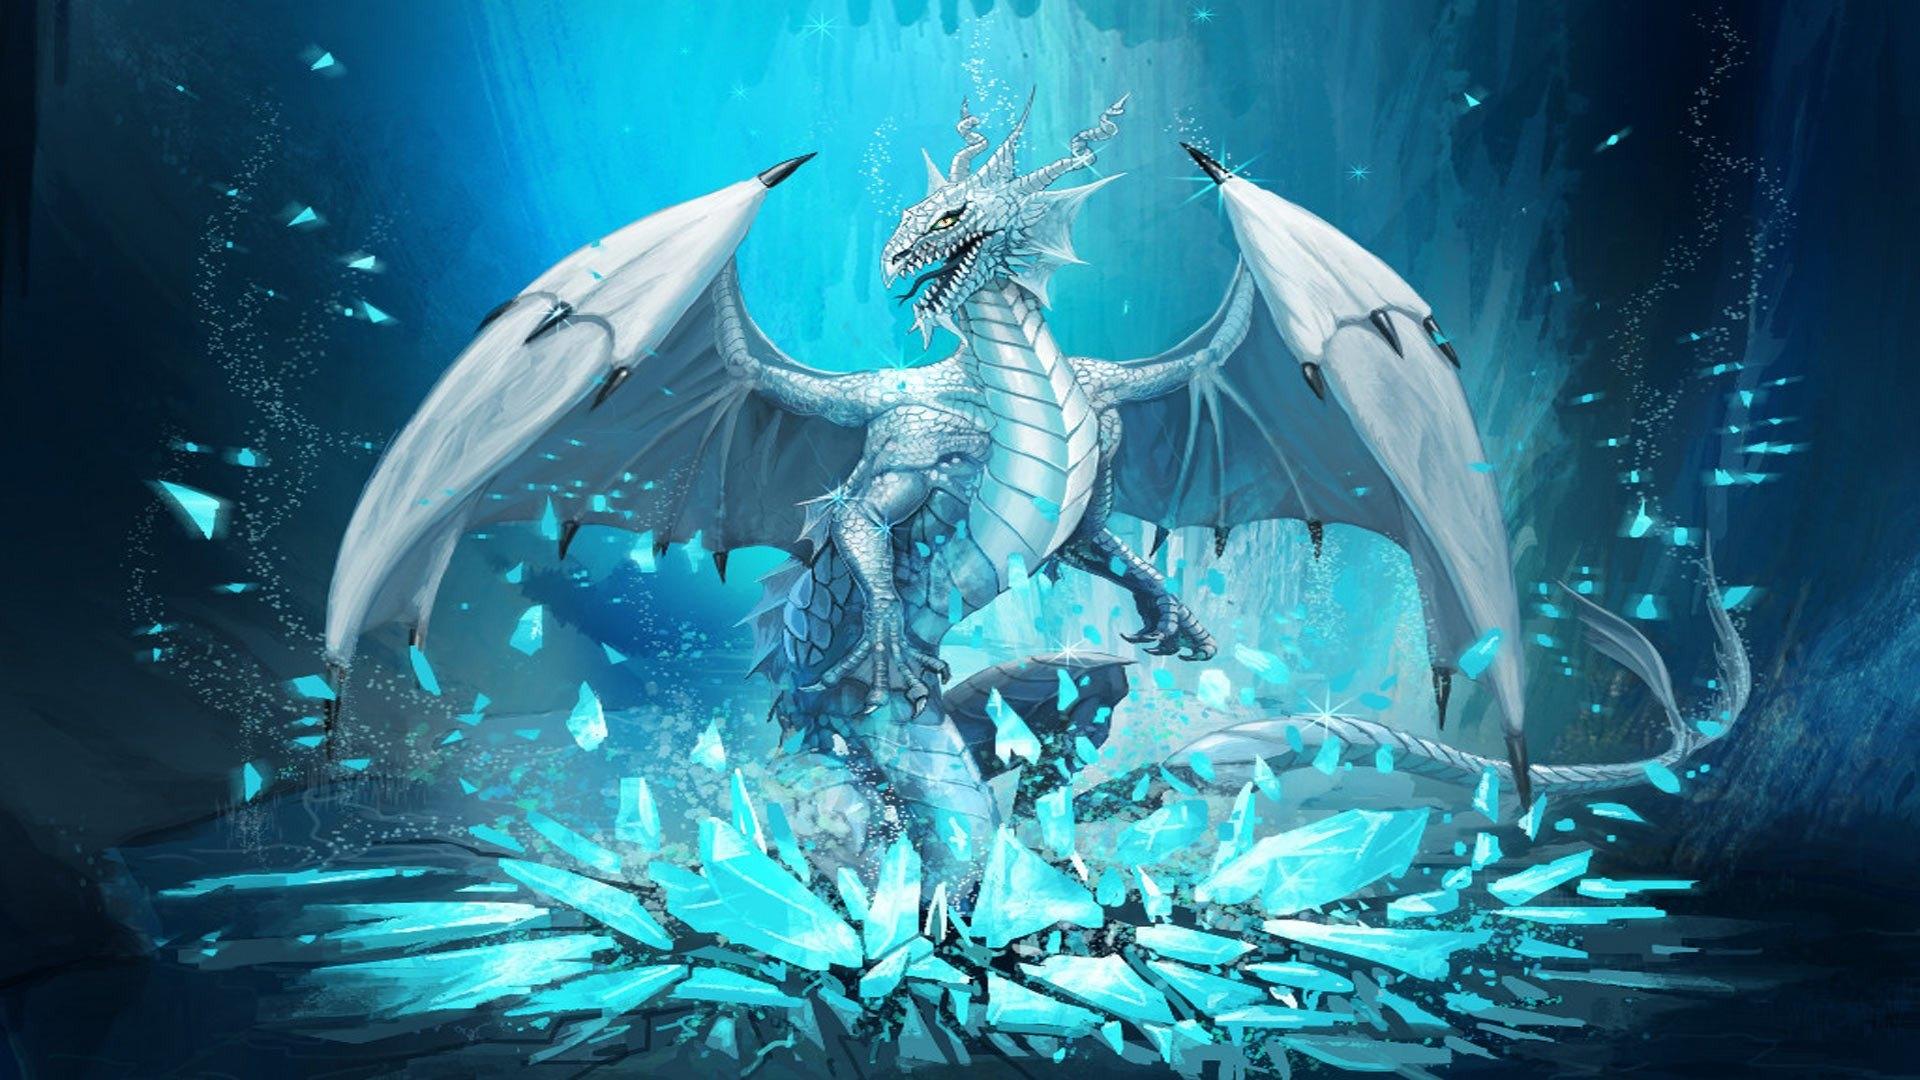 драконы в картинках обои рабочего стола доли секунд пролетает